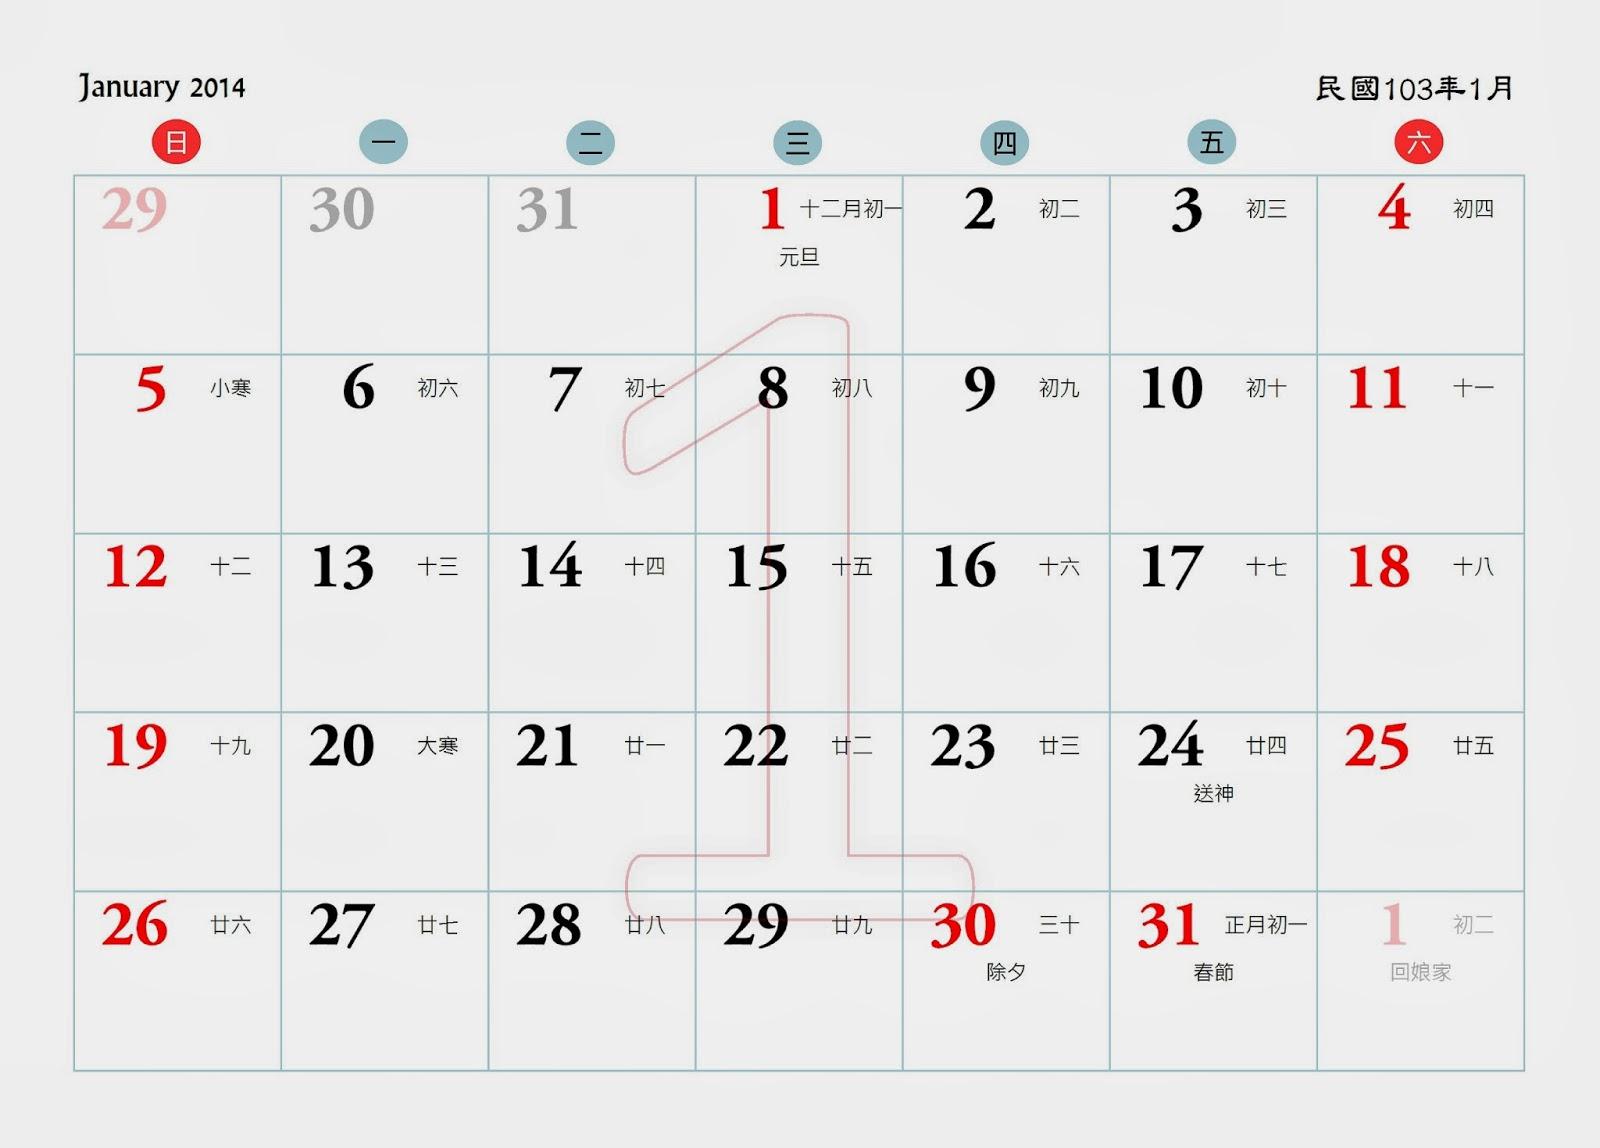 尚上的月曆 - 2014臺灣行事曆: February 2014